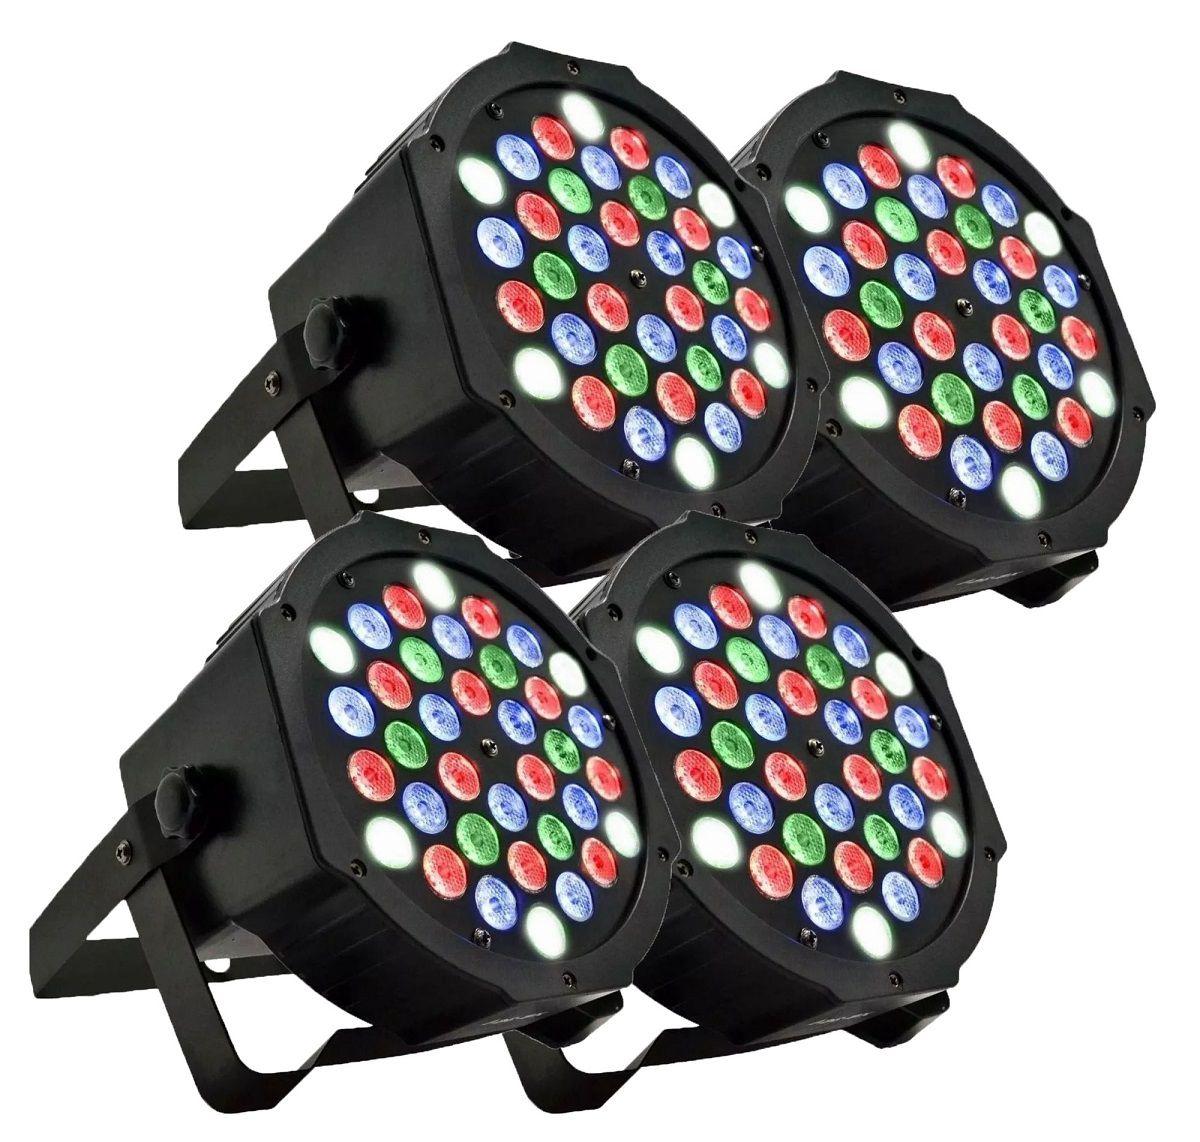 Kit 4x Canhão de Luz Led par 64 RGB 36 Leds DMX Digital Strobo Slim